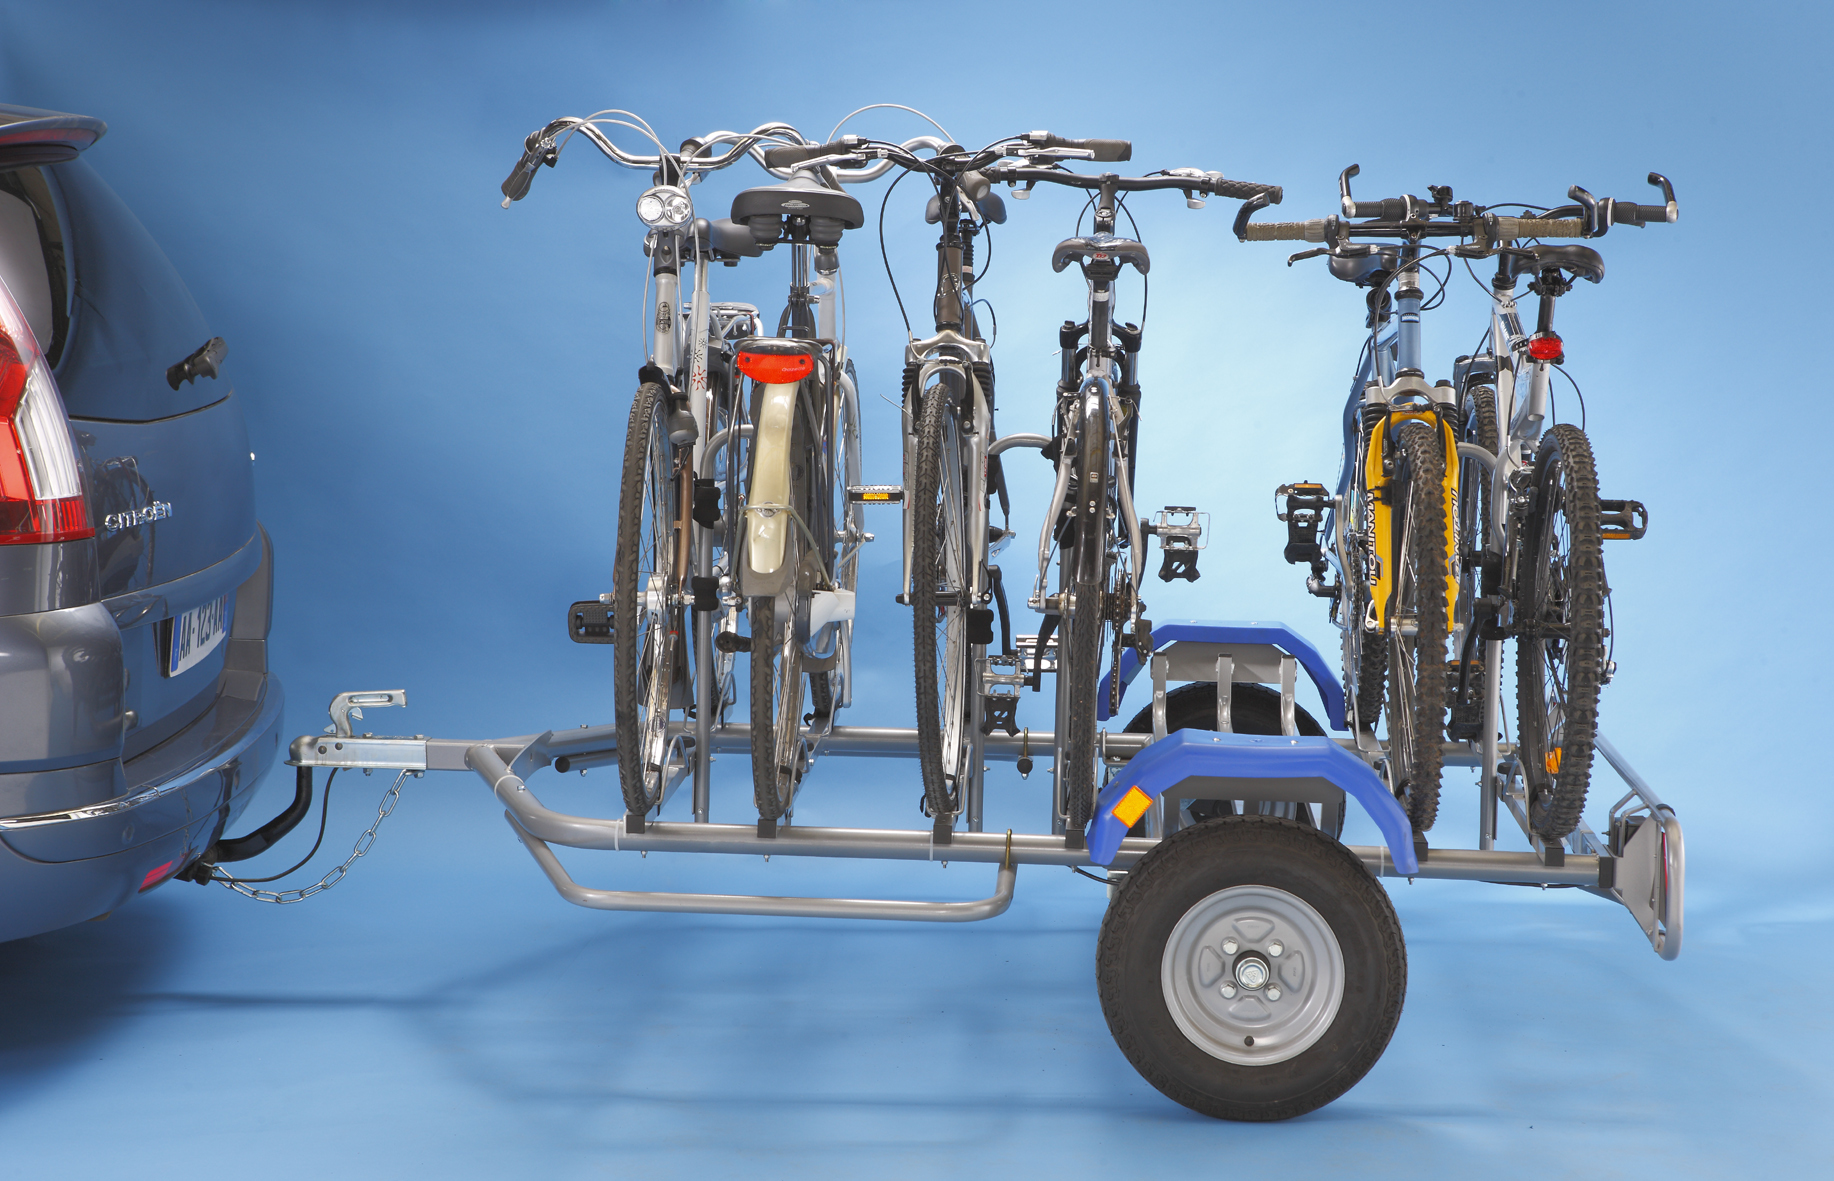 fahrradanh nger titan 6 fahrradtr ger. Black Bedroom Furniture Sets. Home Design Ideas